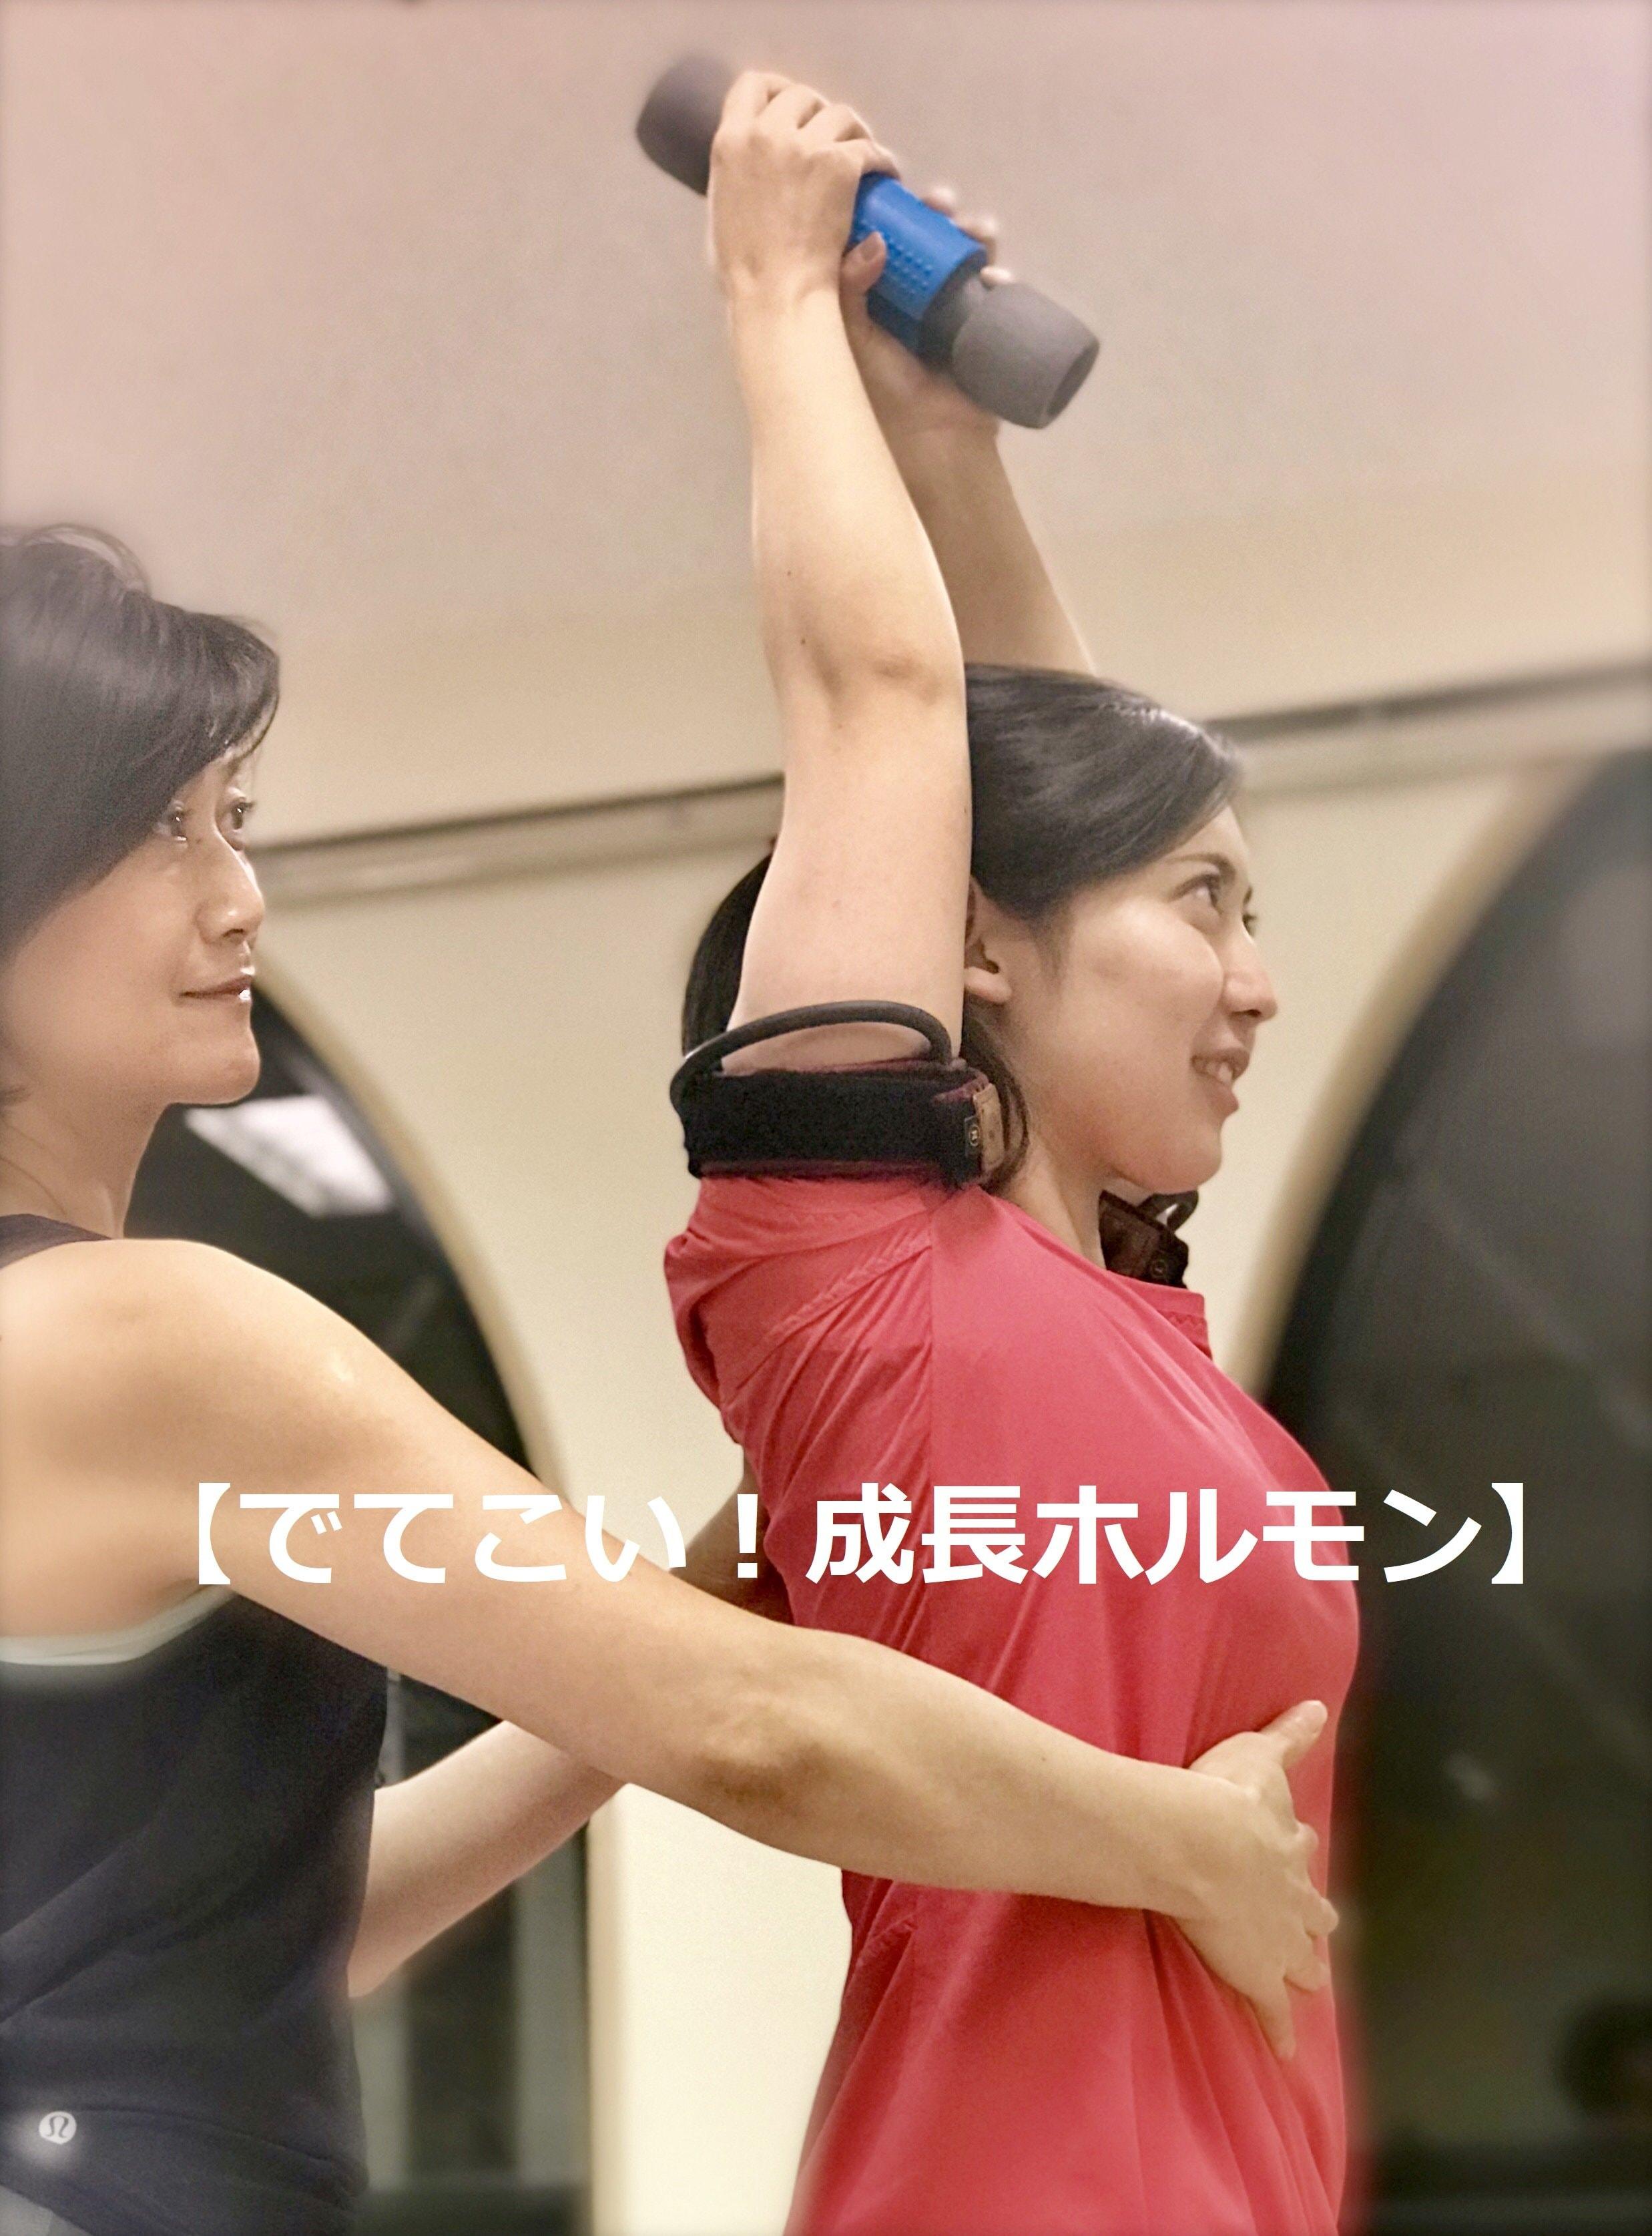 はじめての方はこちらから!「加圧トレーニング」女性専用オリジナルコースのお試しパーソナル(初回限定割引チケット)【サキュレ銀座】のイメージその1